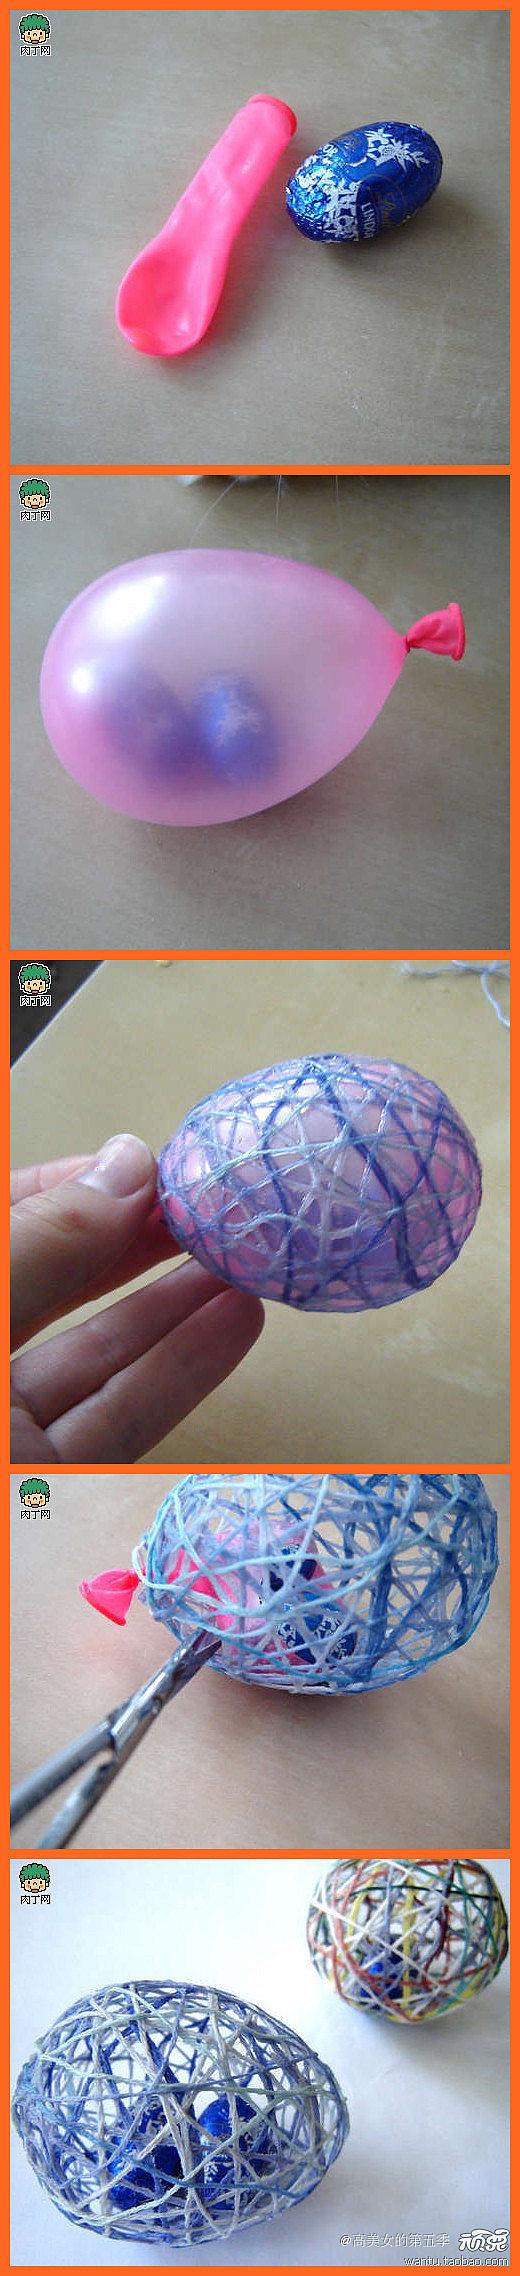 een ei in een ei